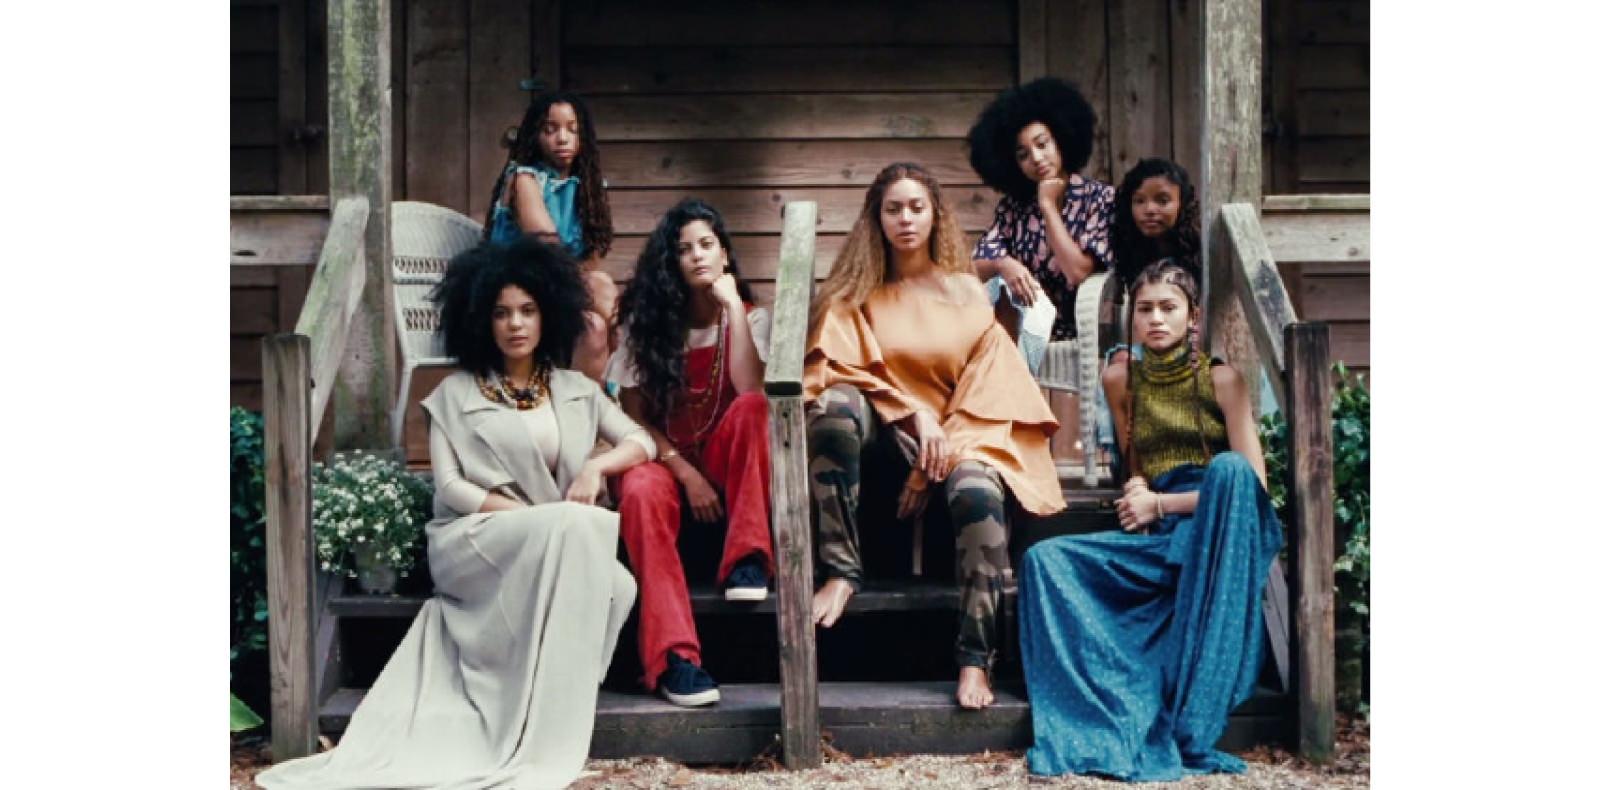 """Qui sont les sœurs Ibeyi aperçues dans """"Lemonade"""" de Beyoncé ?"""